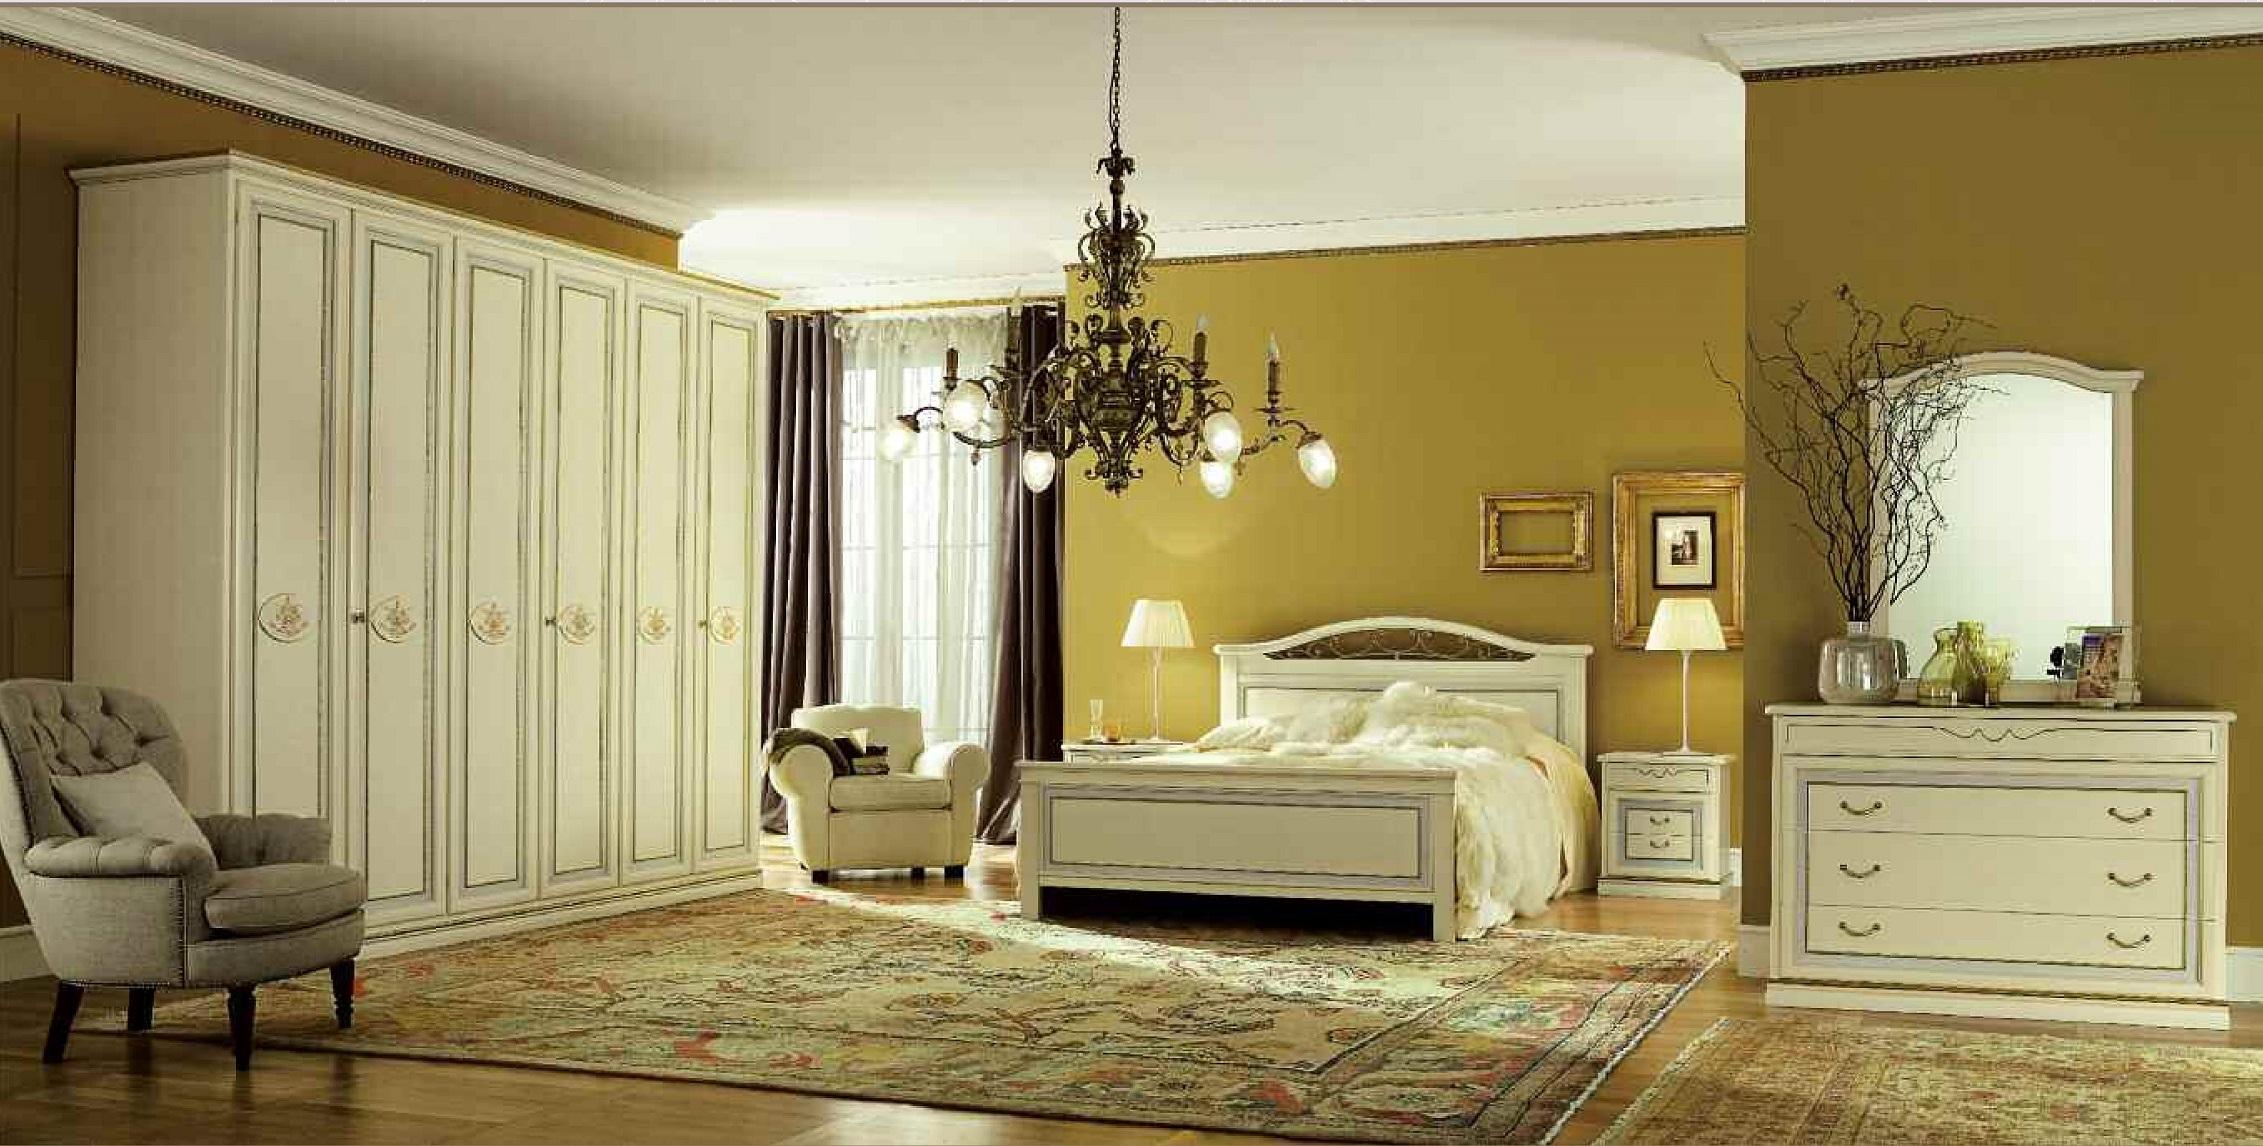 San michele pitti charm classiche legno camera completa for Camera letto legno